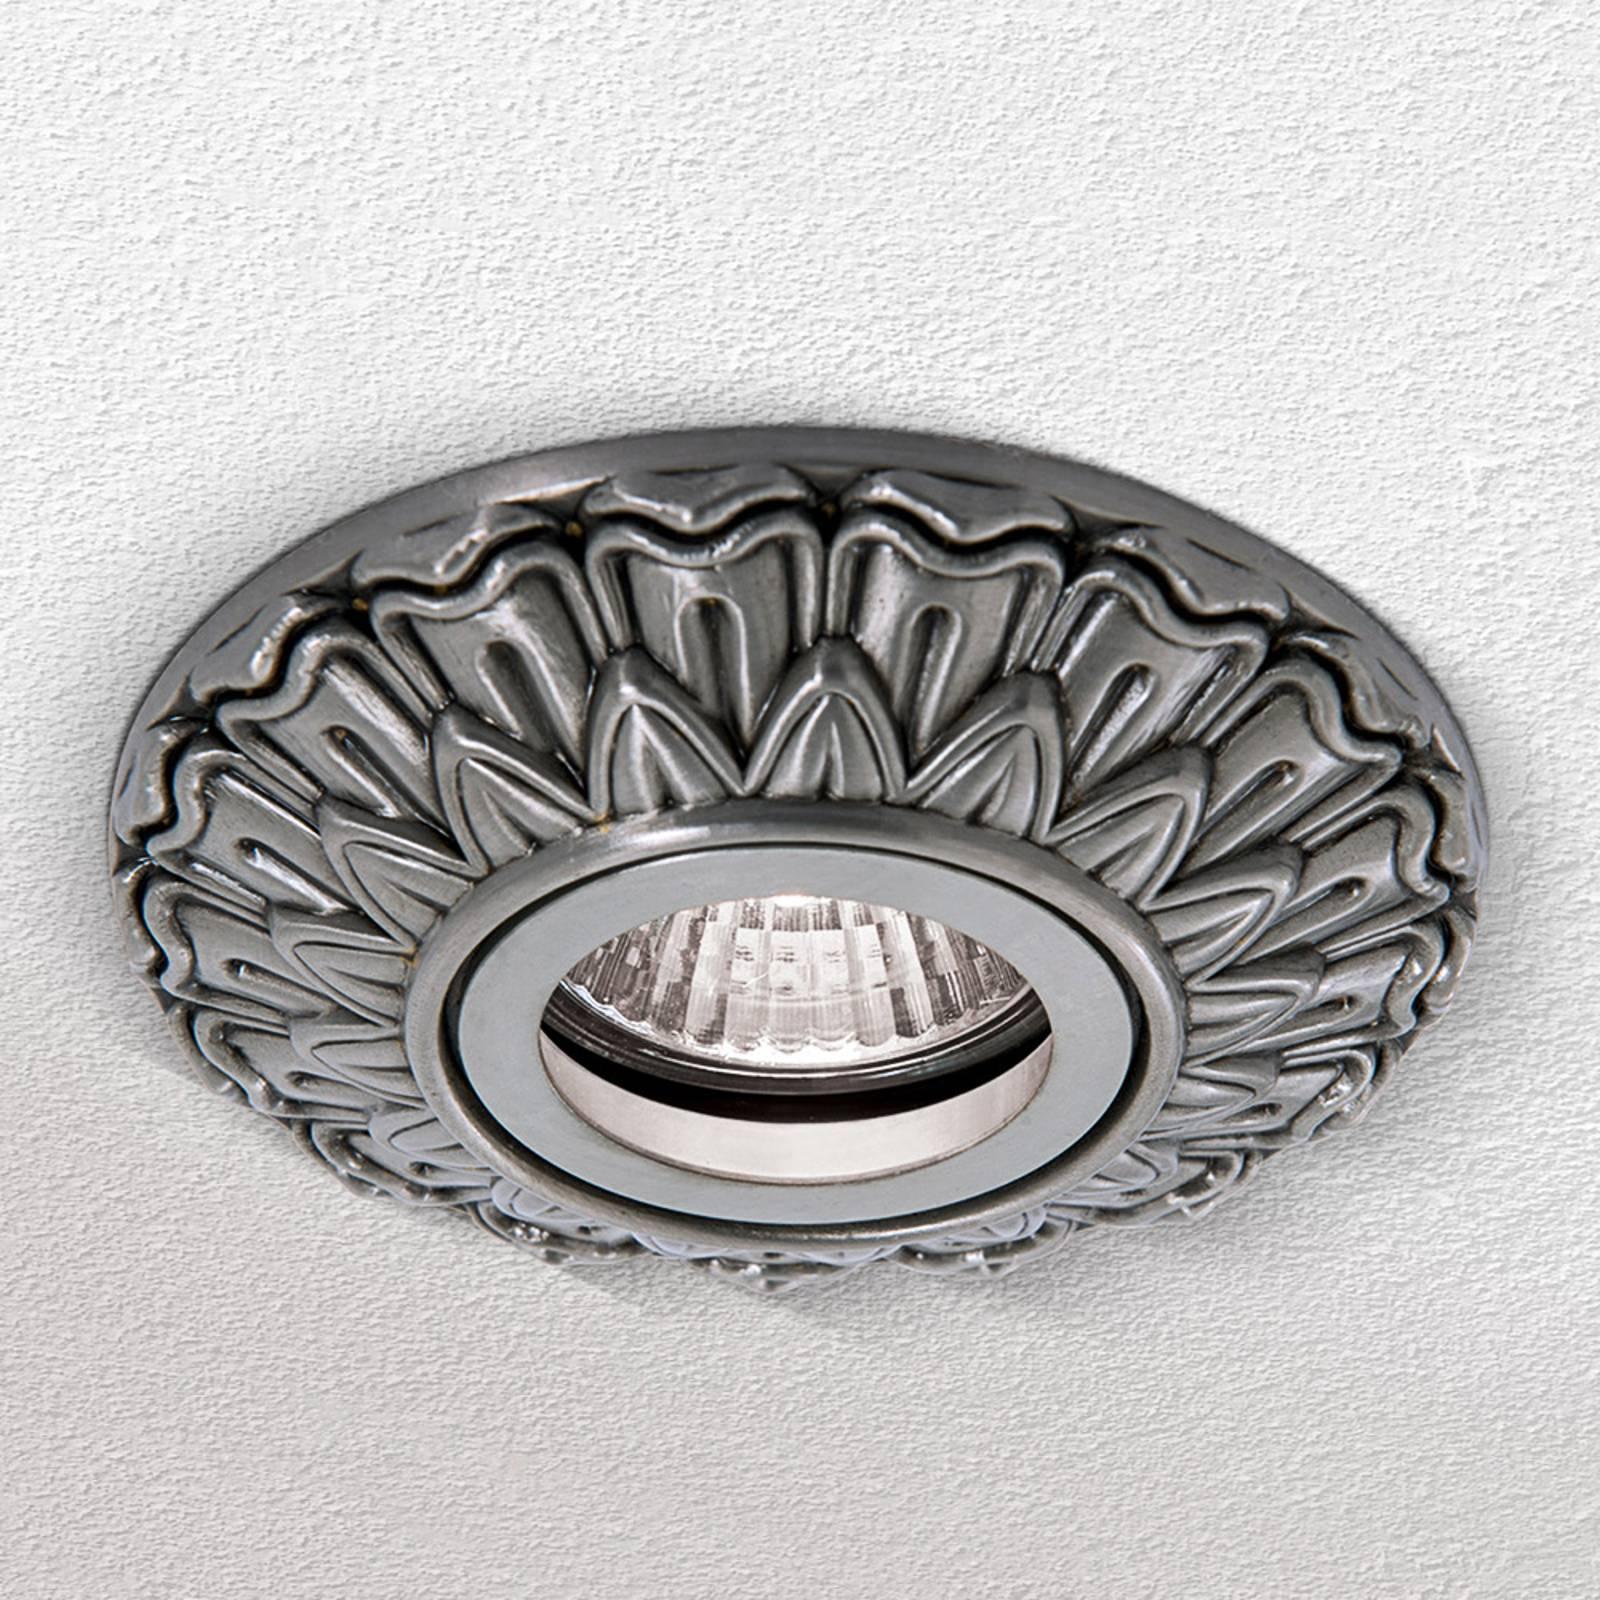 Uppokohdevalaisin Sada, pyöreä hopea antiikki